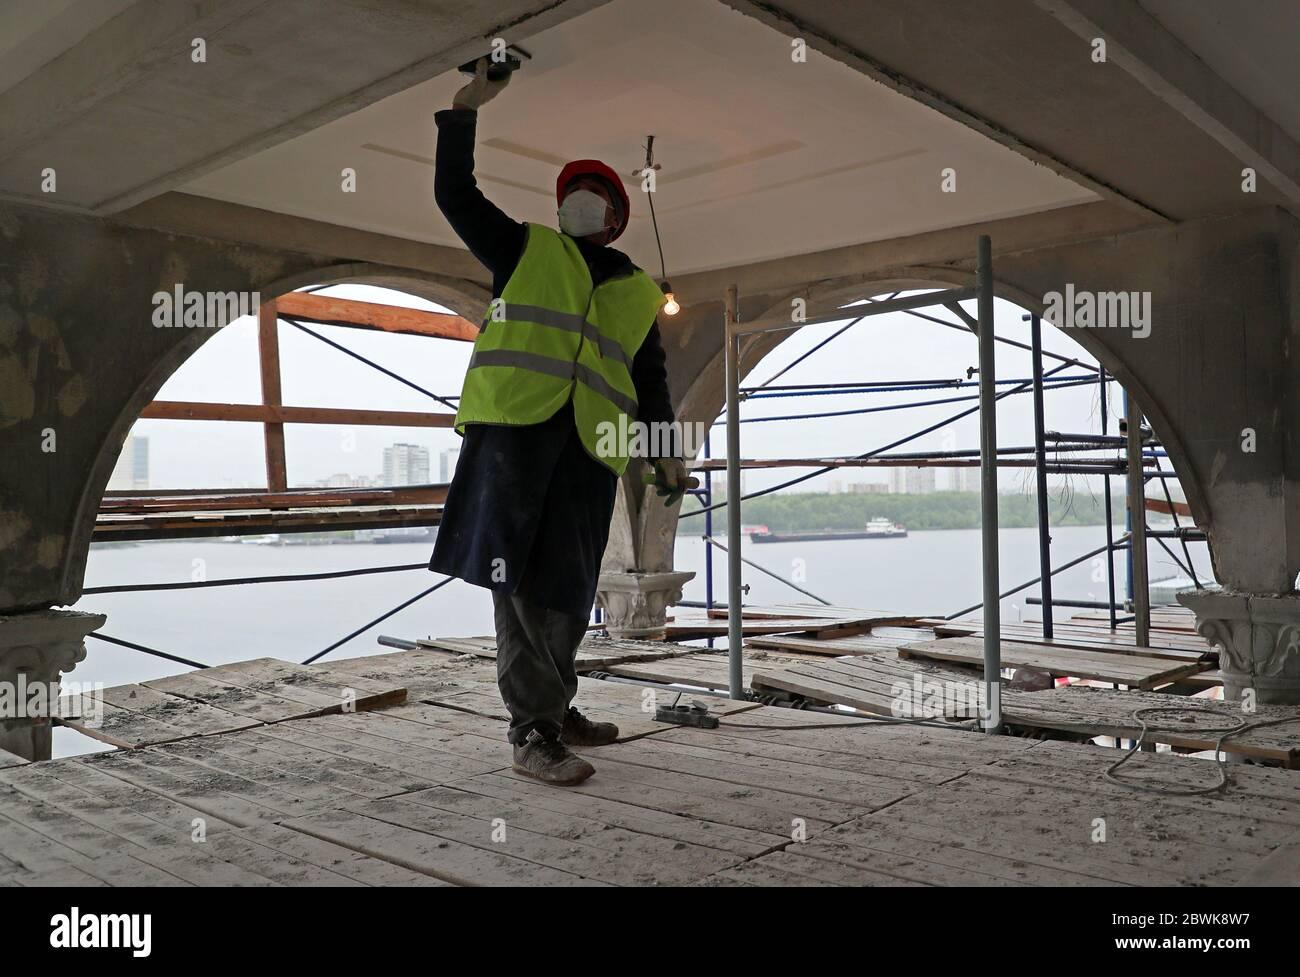 Mosca, Russia. 2 Giugno 2020. Lavori di ristrutturazione in corso presso il North River Terminal. Credit: Gavriil Grigorov/TASS/Alamy Live News Foto Stock